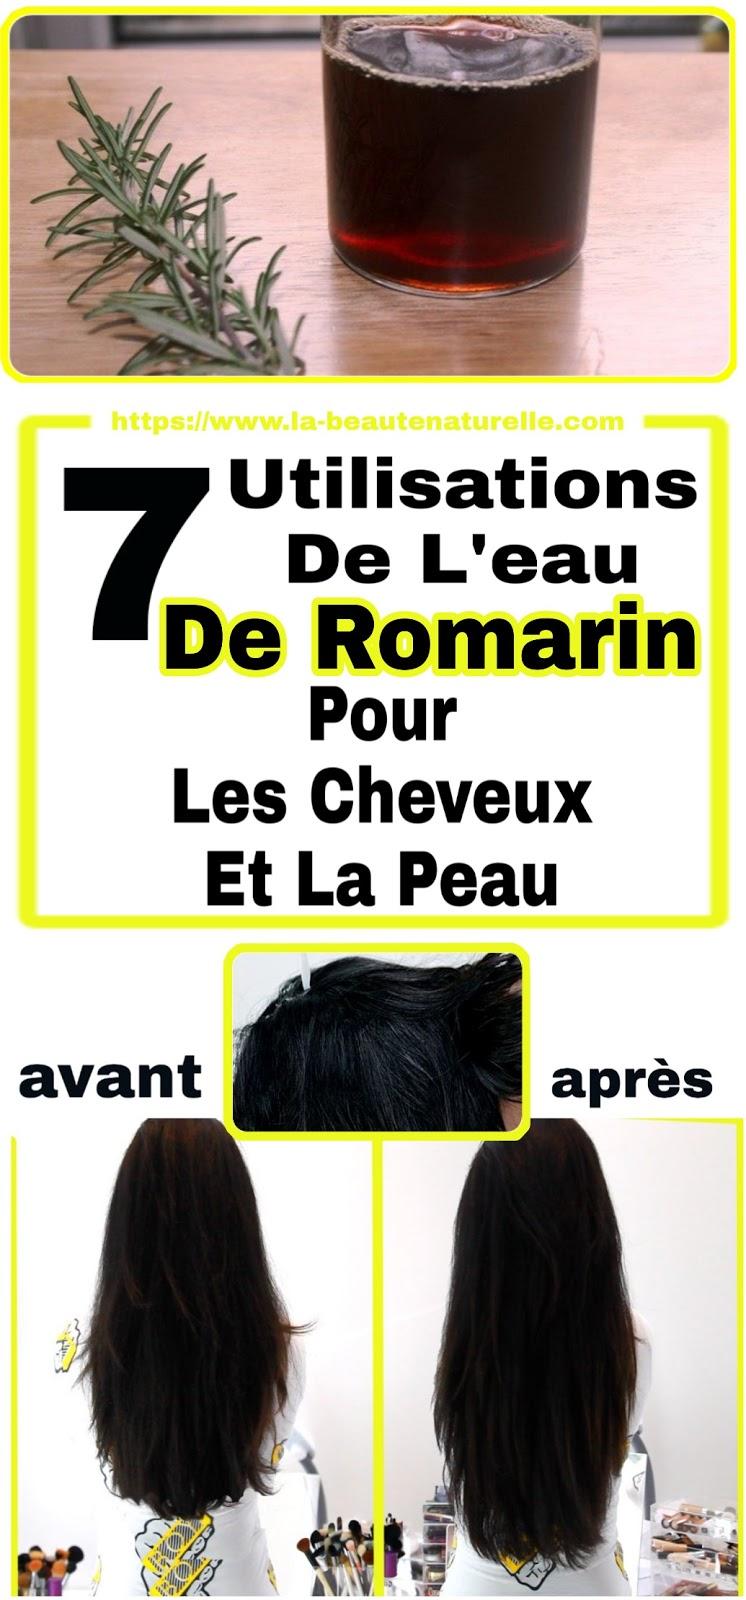 7 Utilisations De L'eau De Romarin Pour Les Cheveux Et La Peau